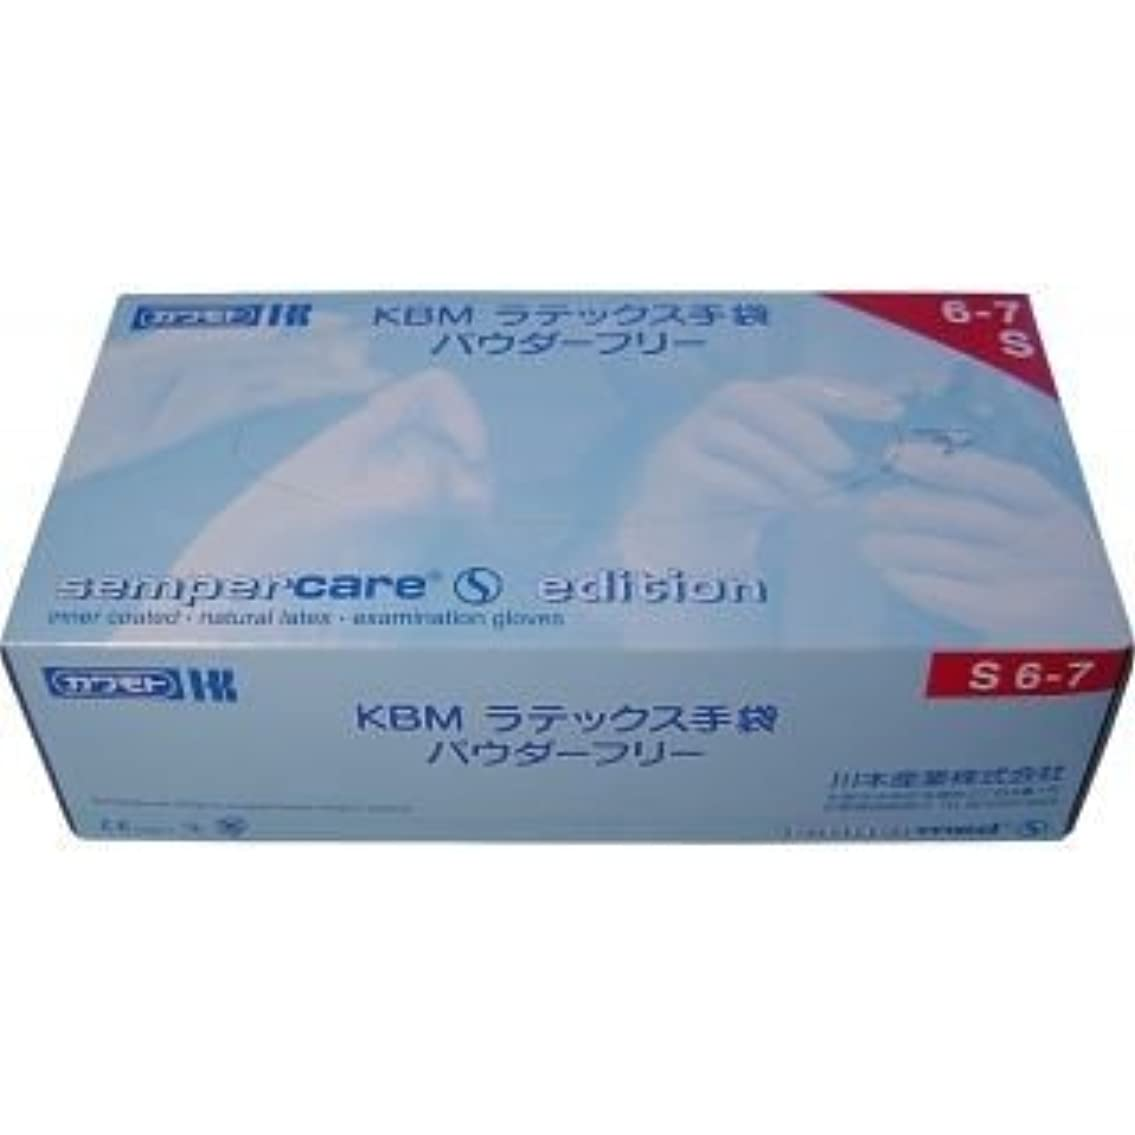 テナント学部現実的KBMラテックス手袋 パウダーフリー Sサイズ 100枚入【2個セット】